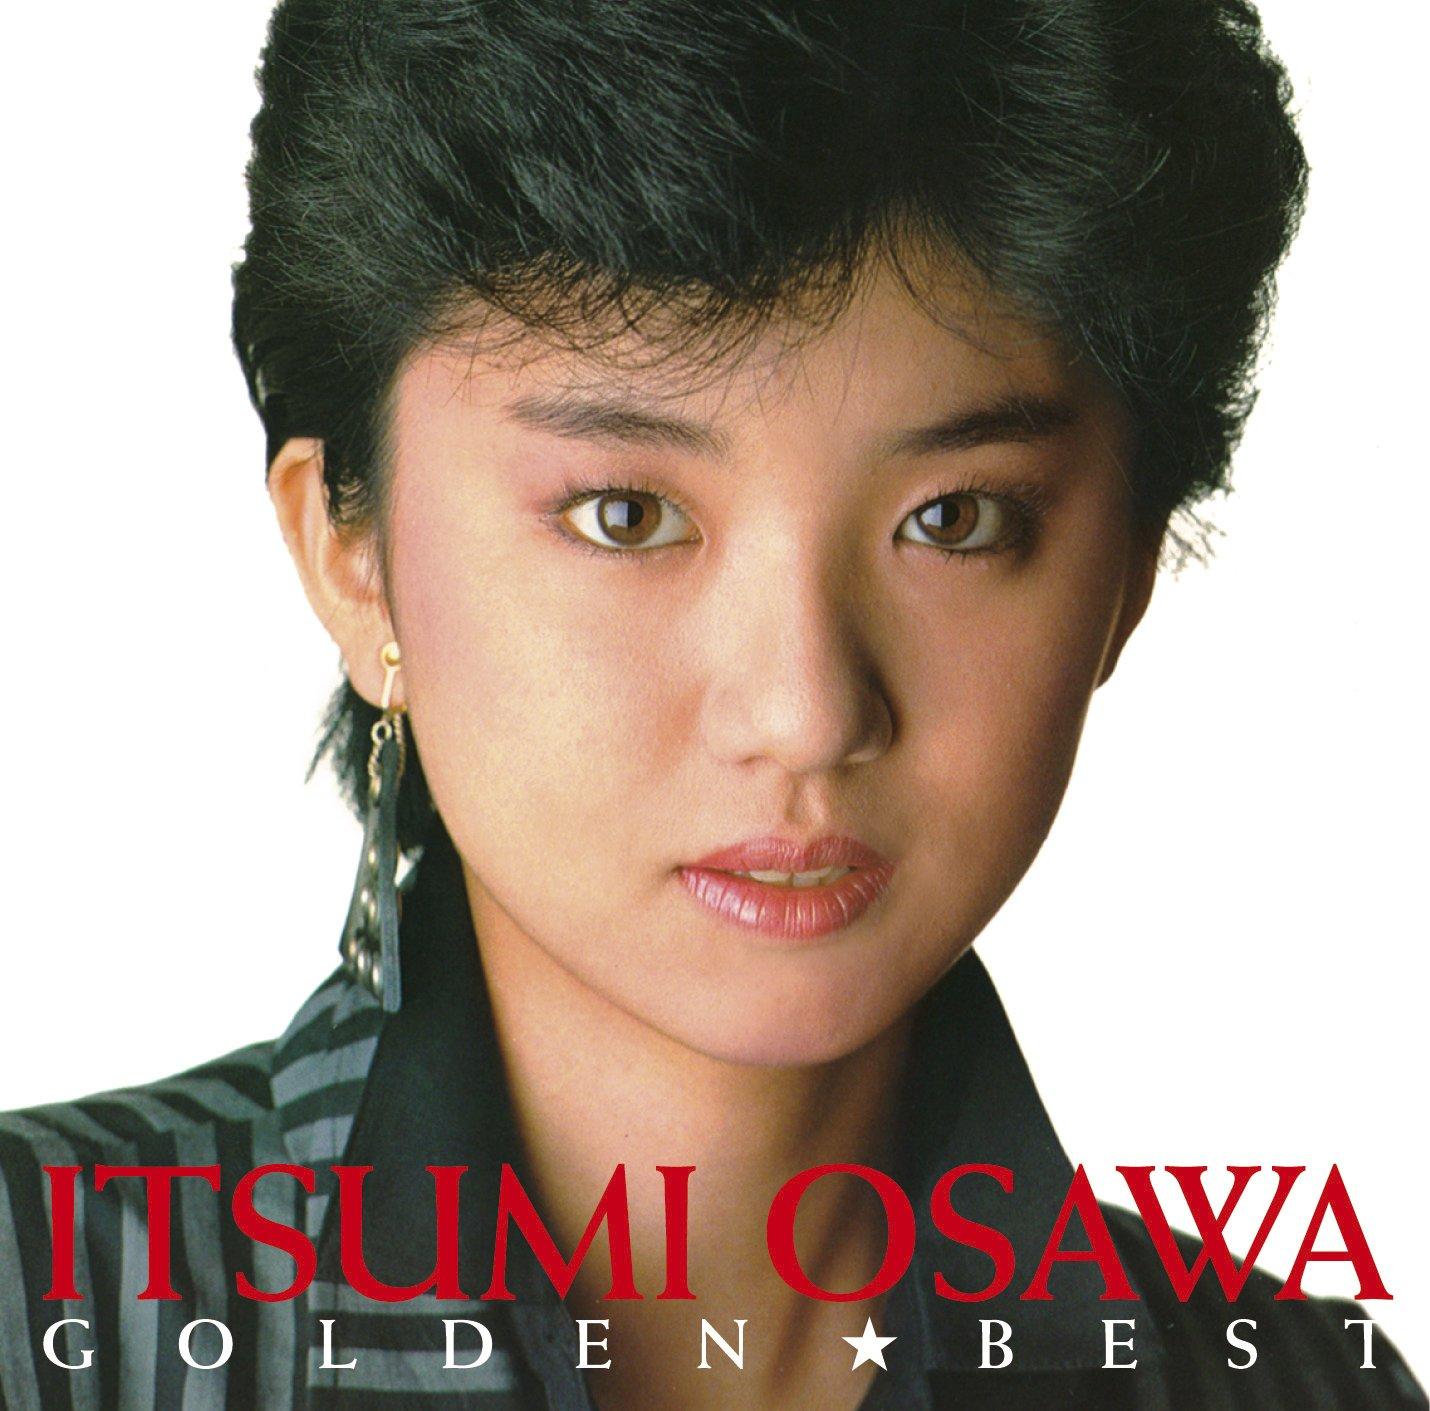 Itsumi Osawa Itsumi Osawa new images